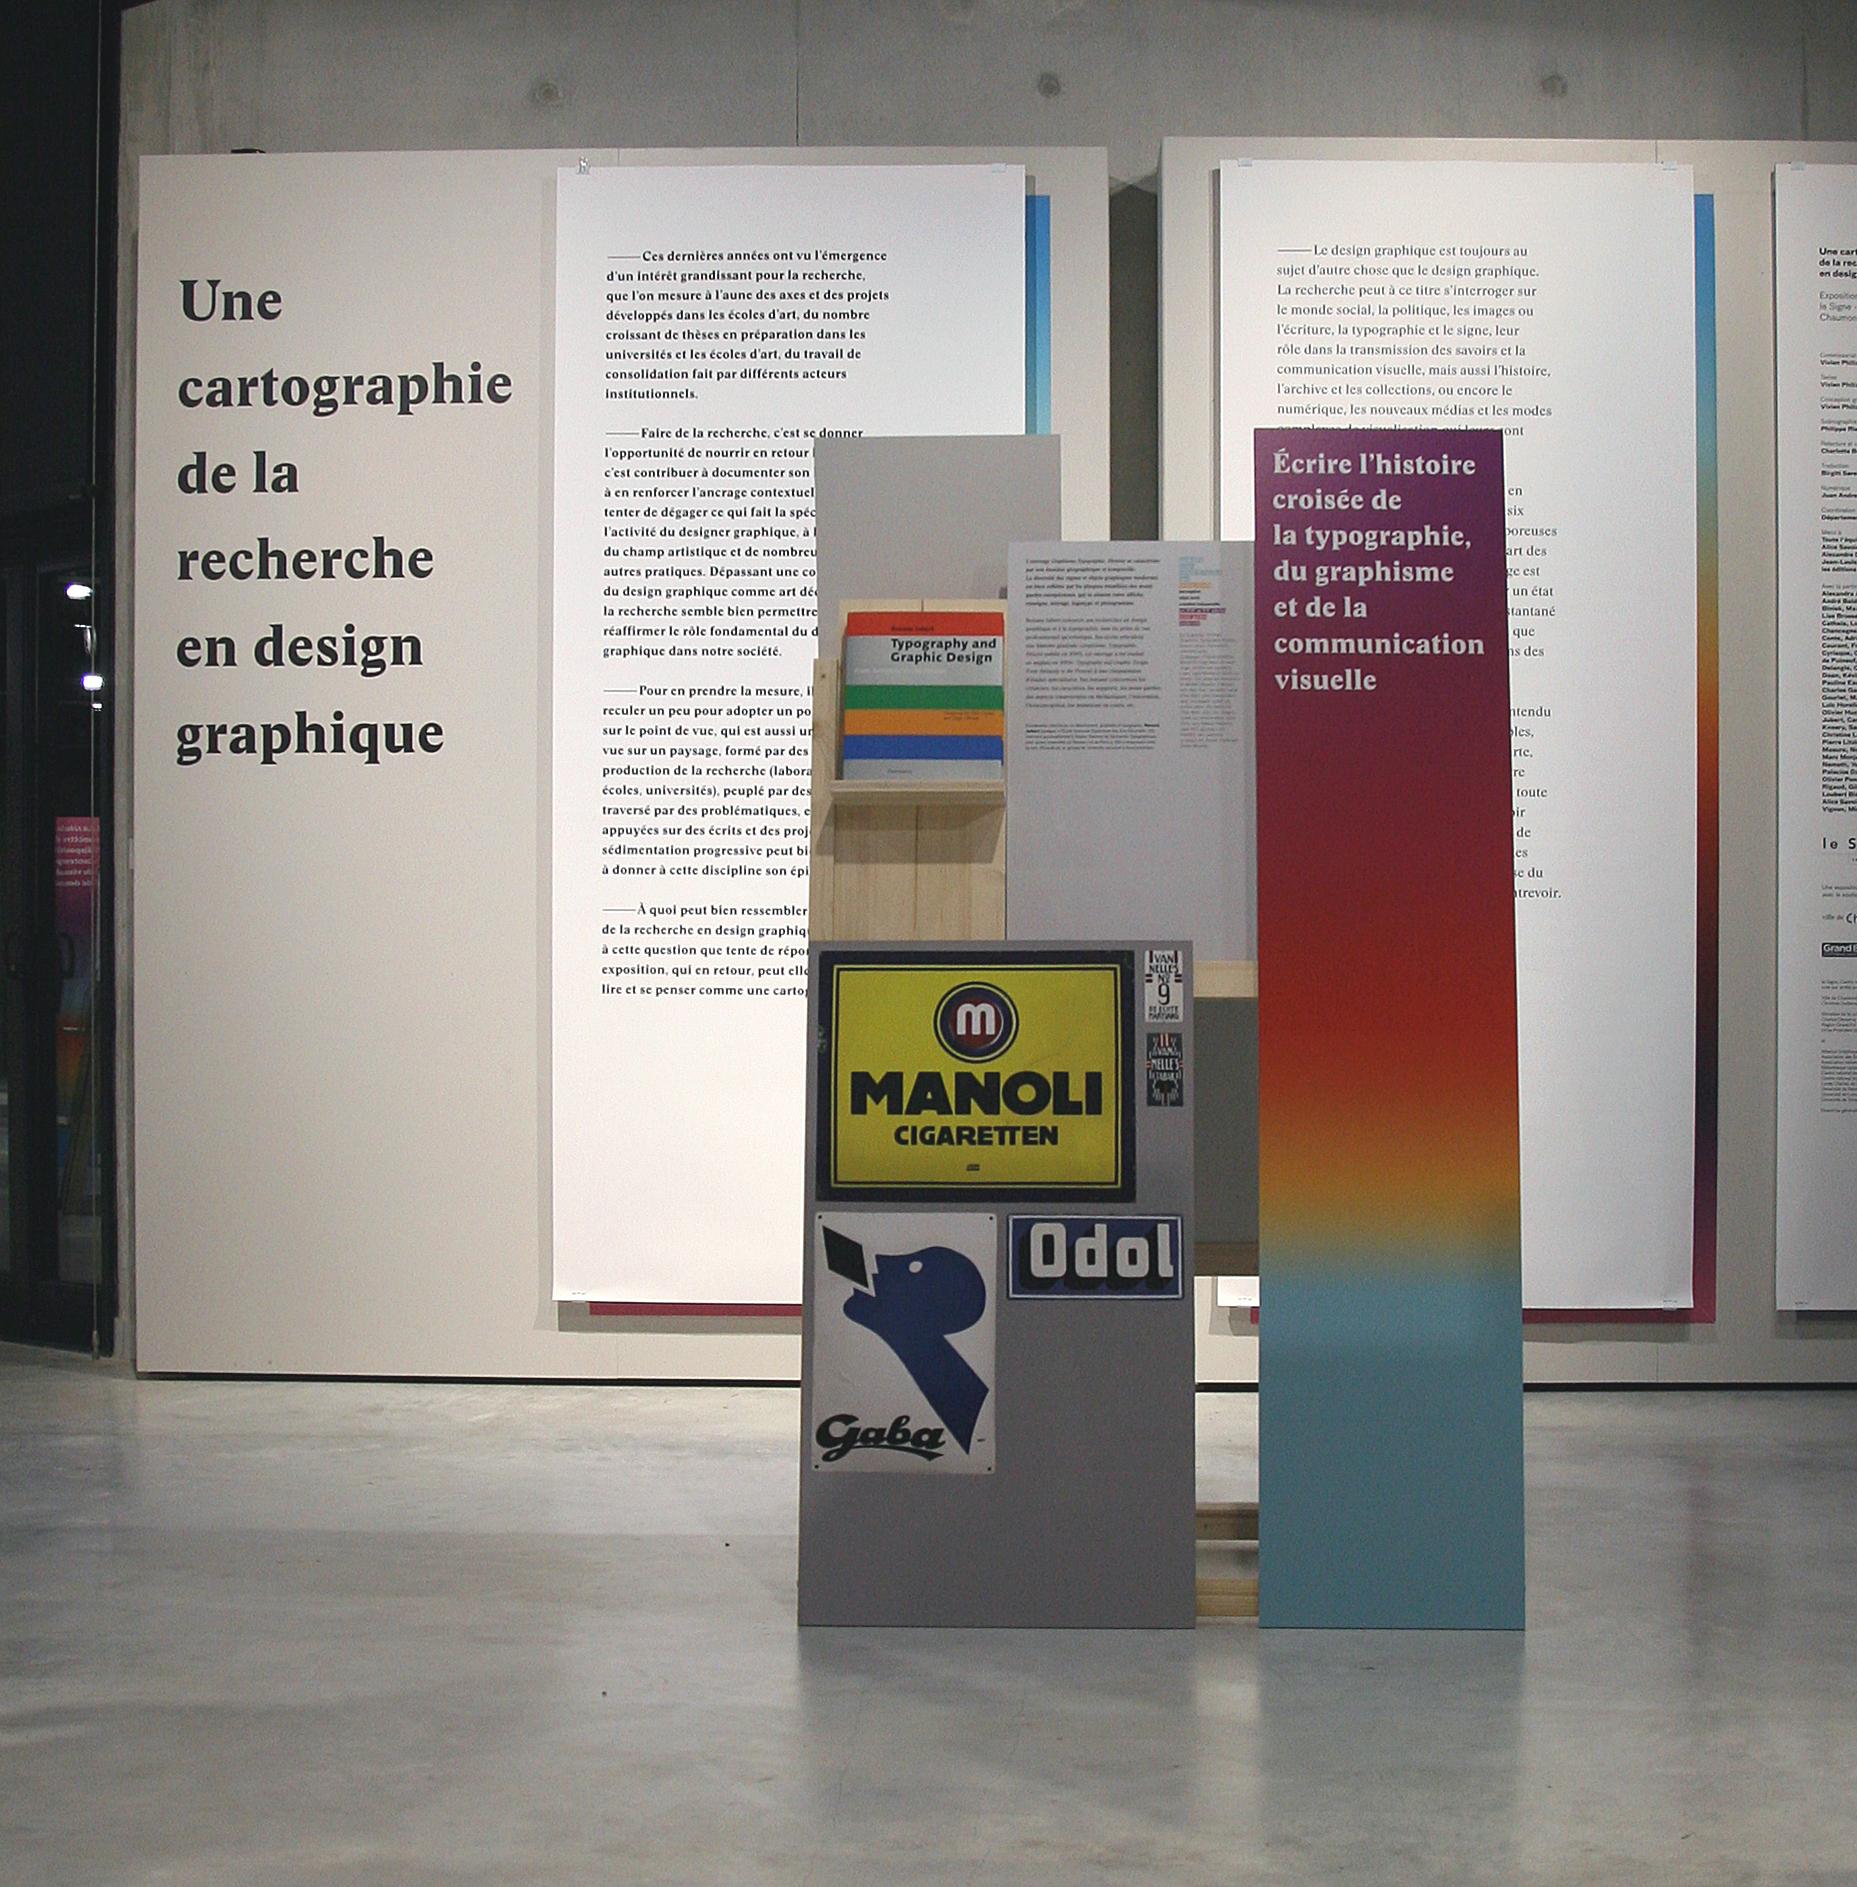 Ensadlab Exposition Une Cartographie De La Recherche En Design Graphique